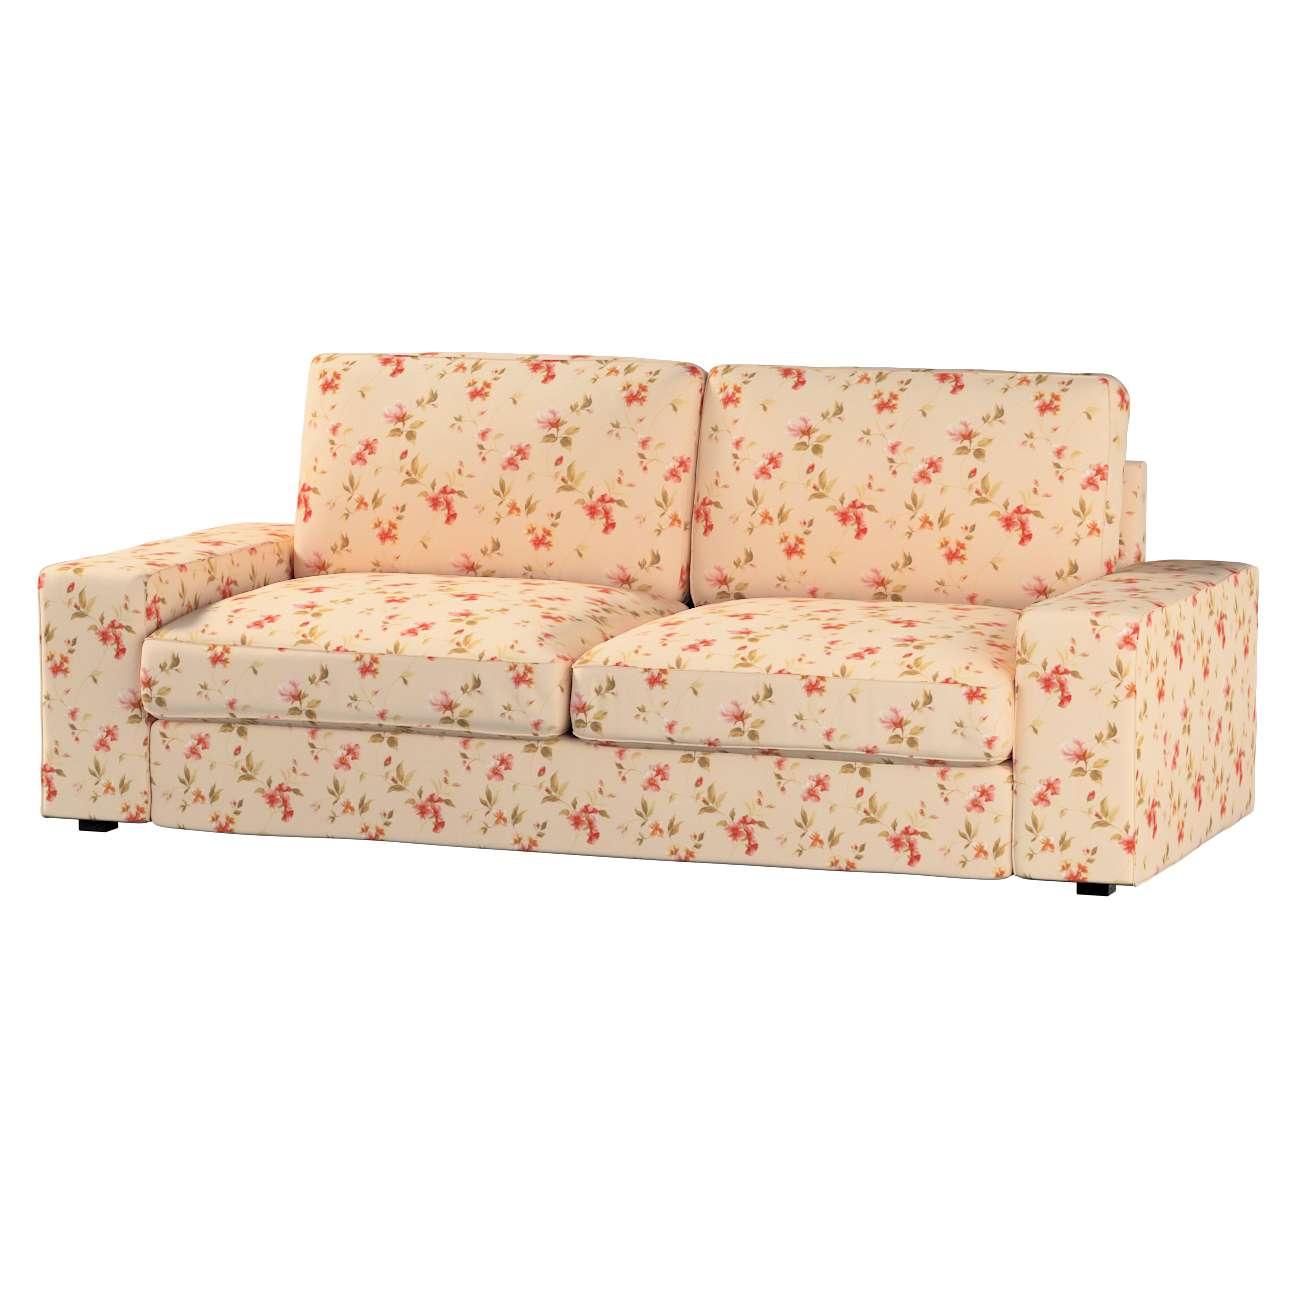 Pokrowiec na sofę Kivik 3-osobową, rozkładaną Sofa Kivik 3-osobowa rozkładana w kolekcji Londres, tkanina: 124-05